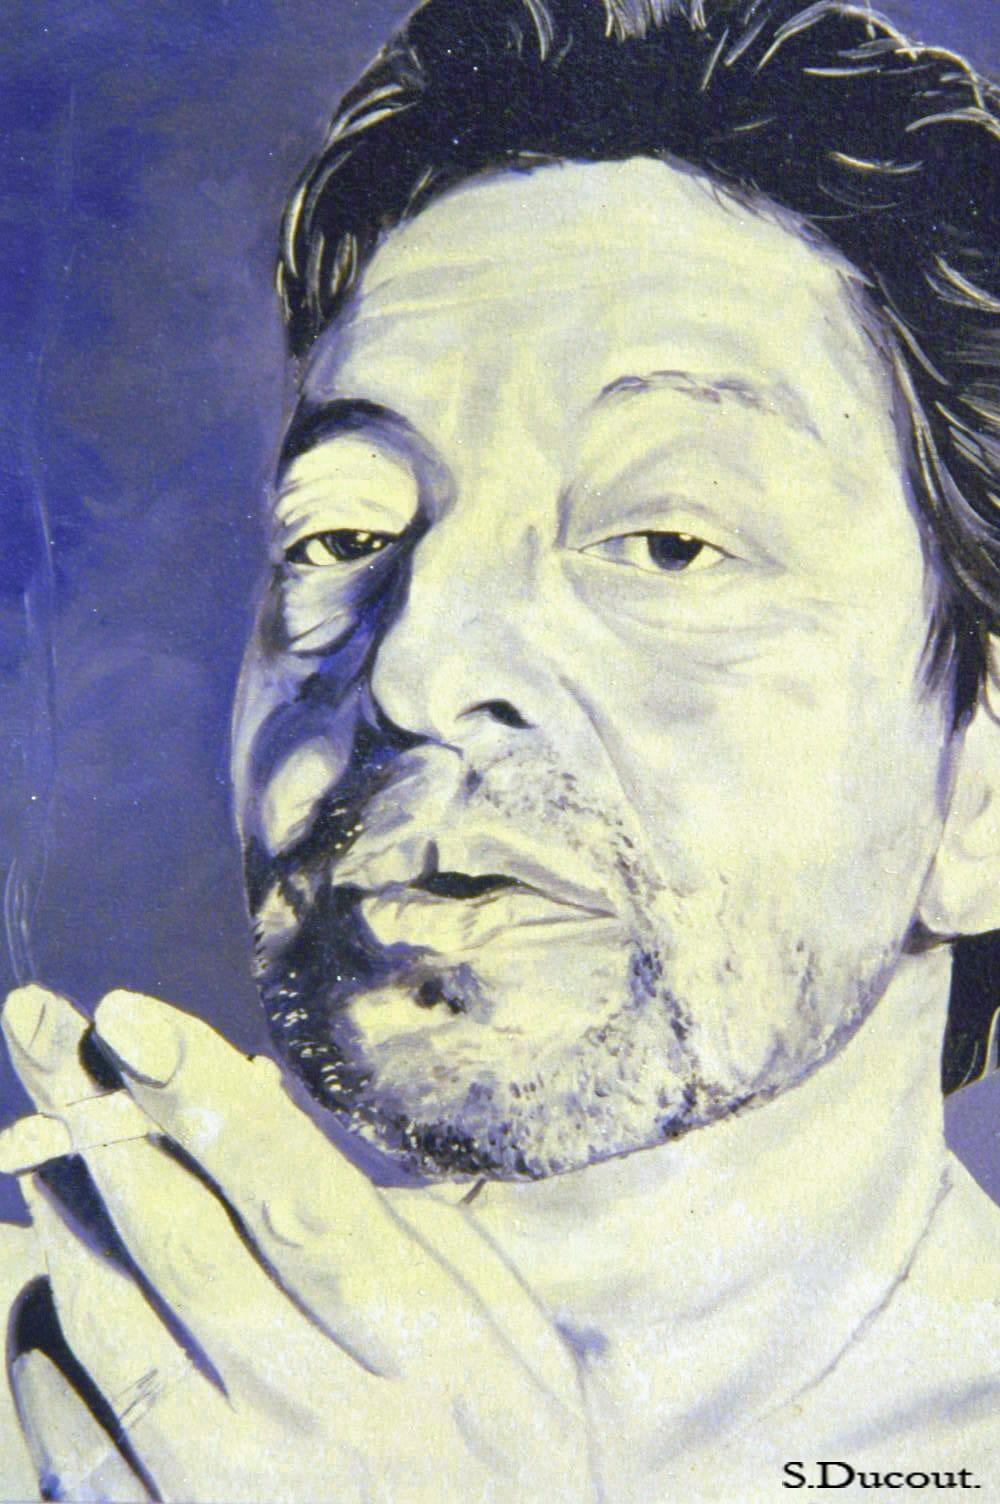 Gainsbourg - Série de photos de chanson française - Serge Ducout - Photographie